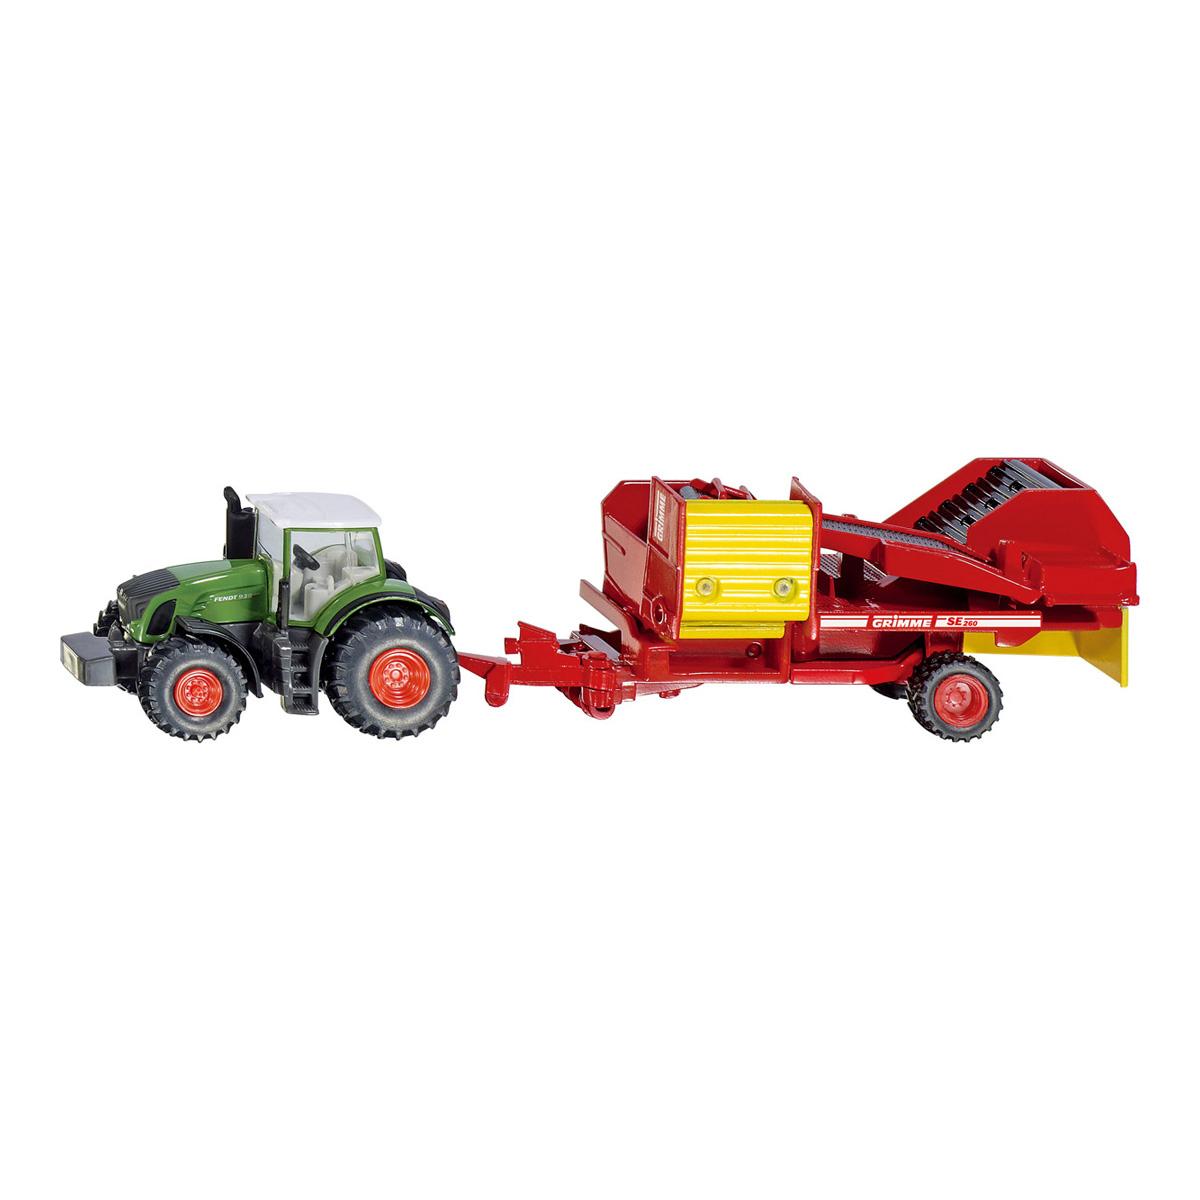 【在庫限り】Fendt トラクター じゃがいも収穫機付き 1:87(ジク・SIKU)